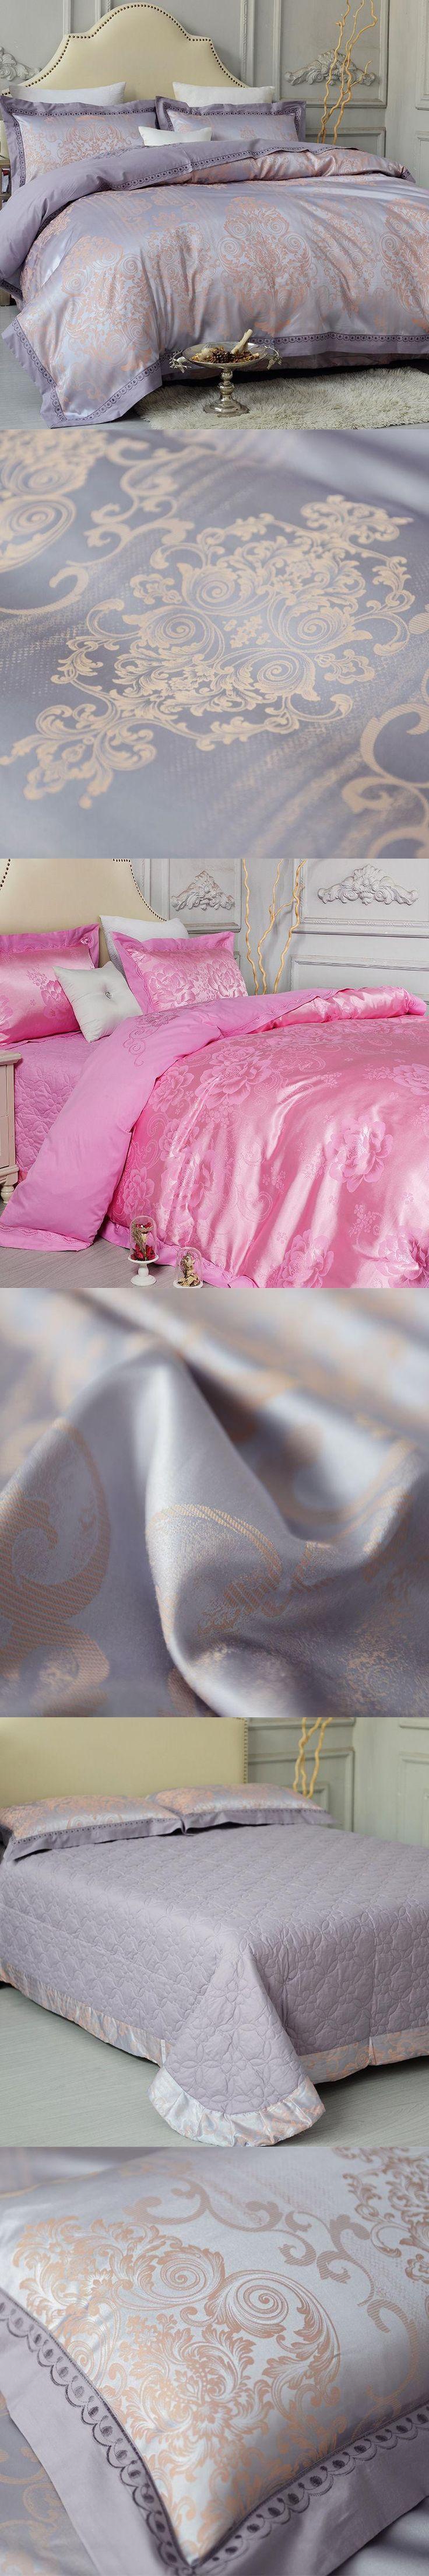 Best Luxury bed sheets ideas on Pinterest